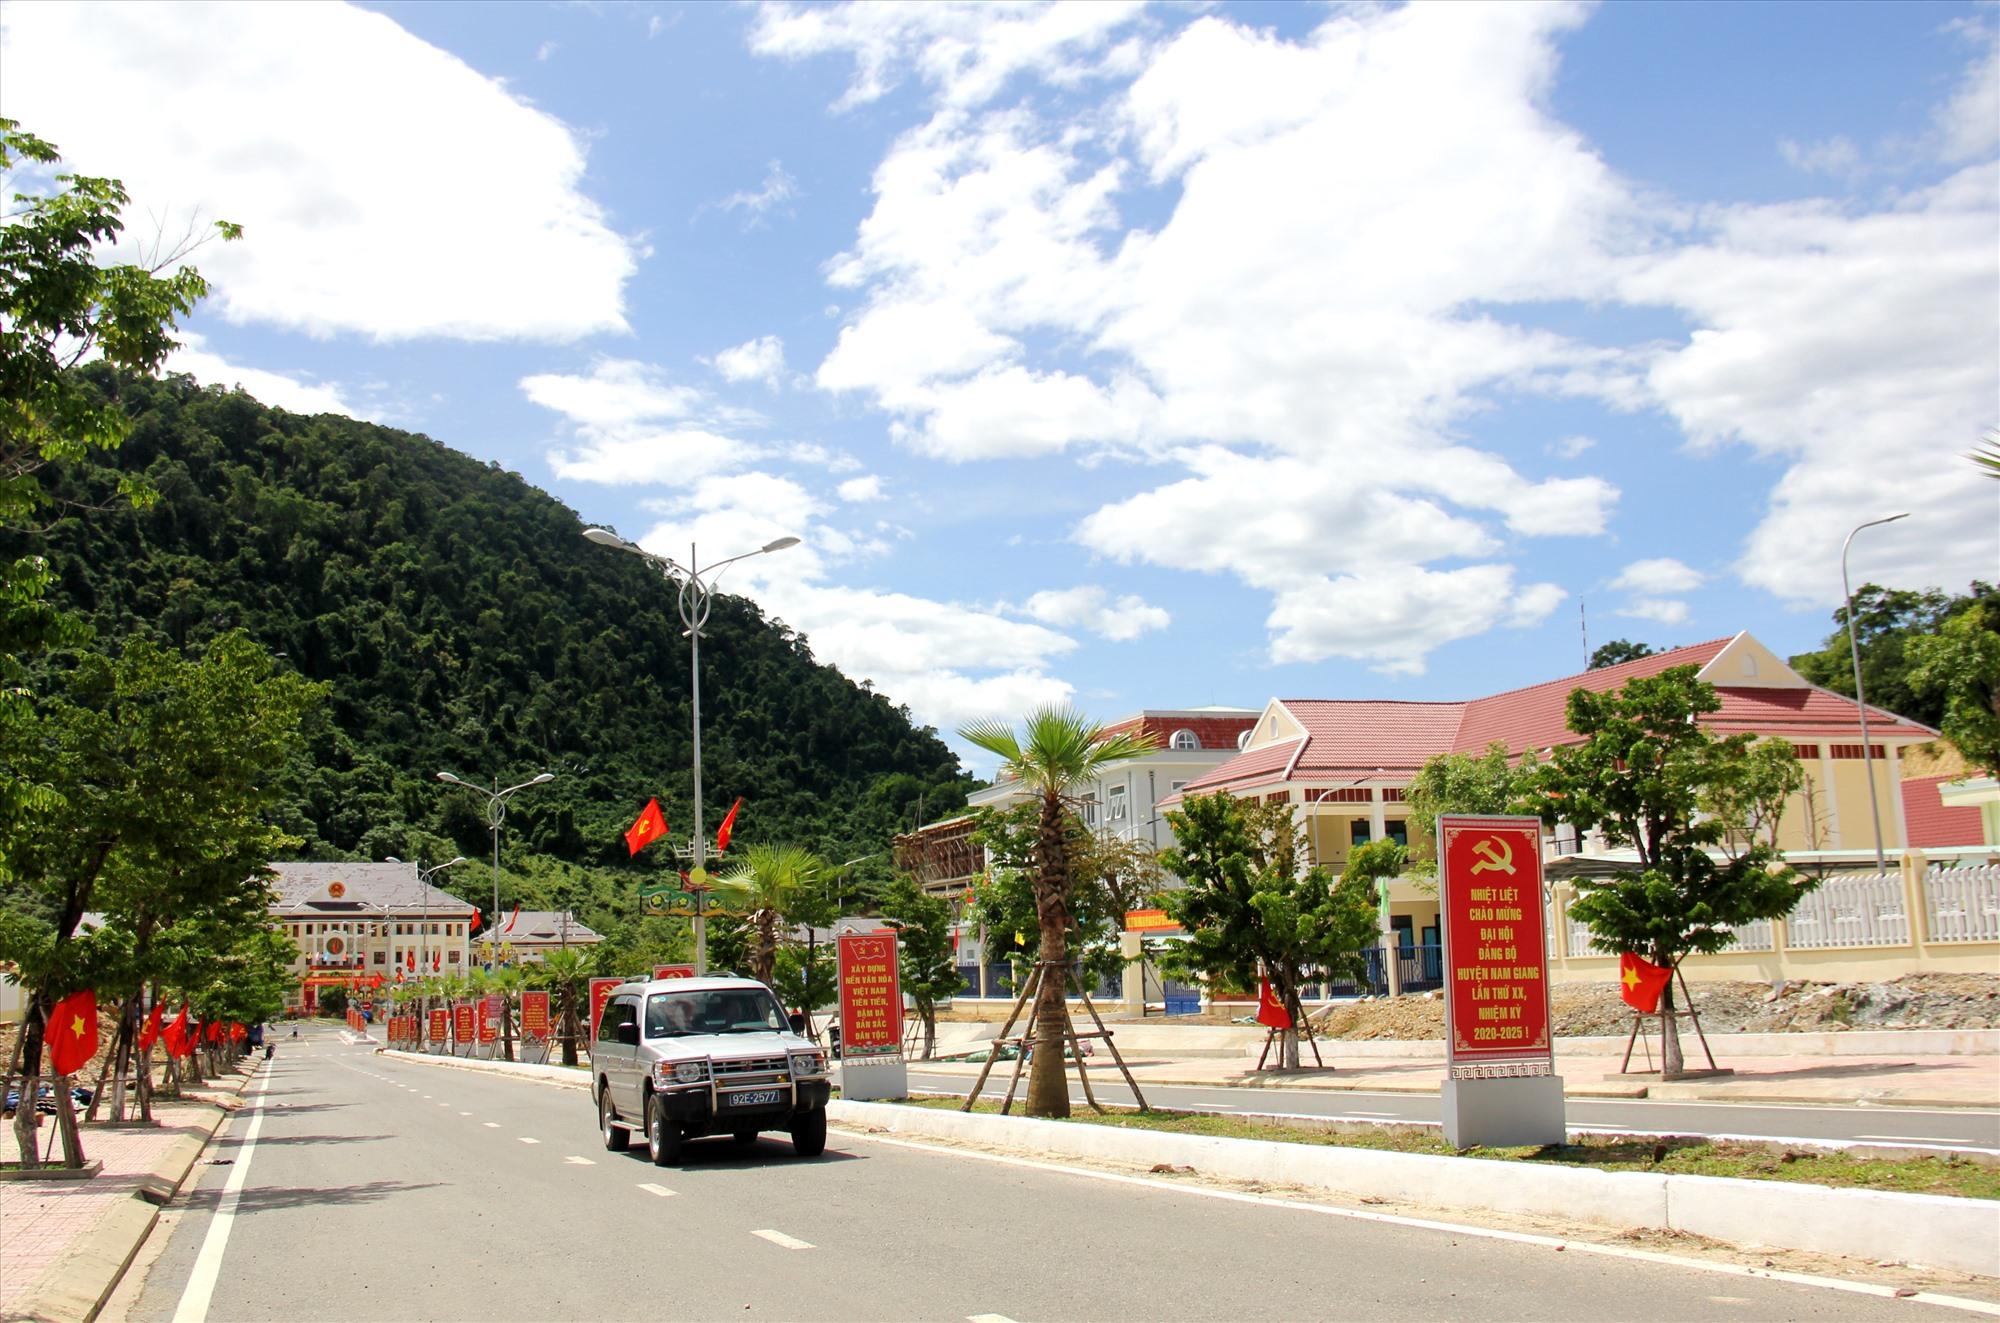 Diện mạo hạ tầng cơ sở của miền núi được đầu tư đồng bộ từ các chính sách lồng ghép của tỉnh thời gian qua. Ảnh: A.N